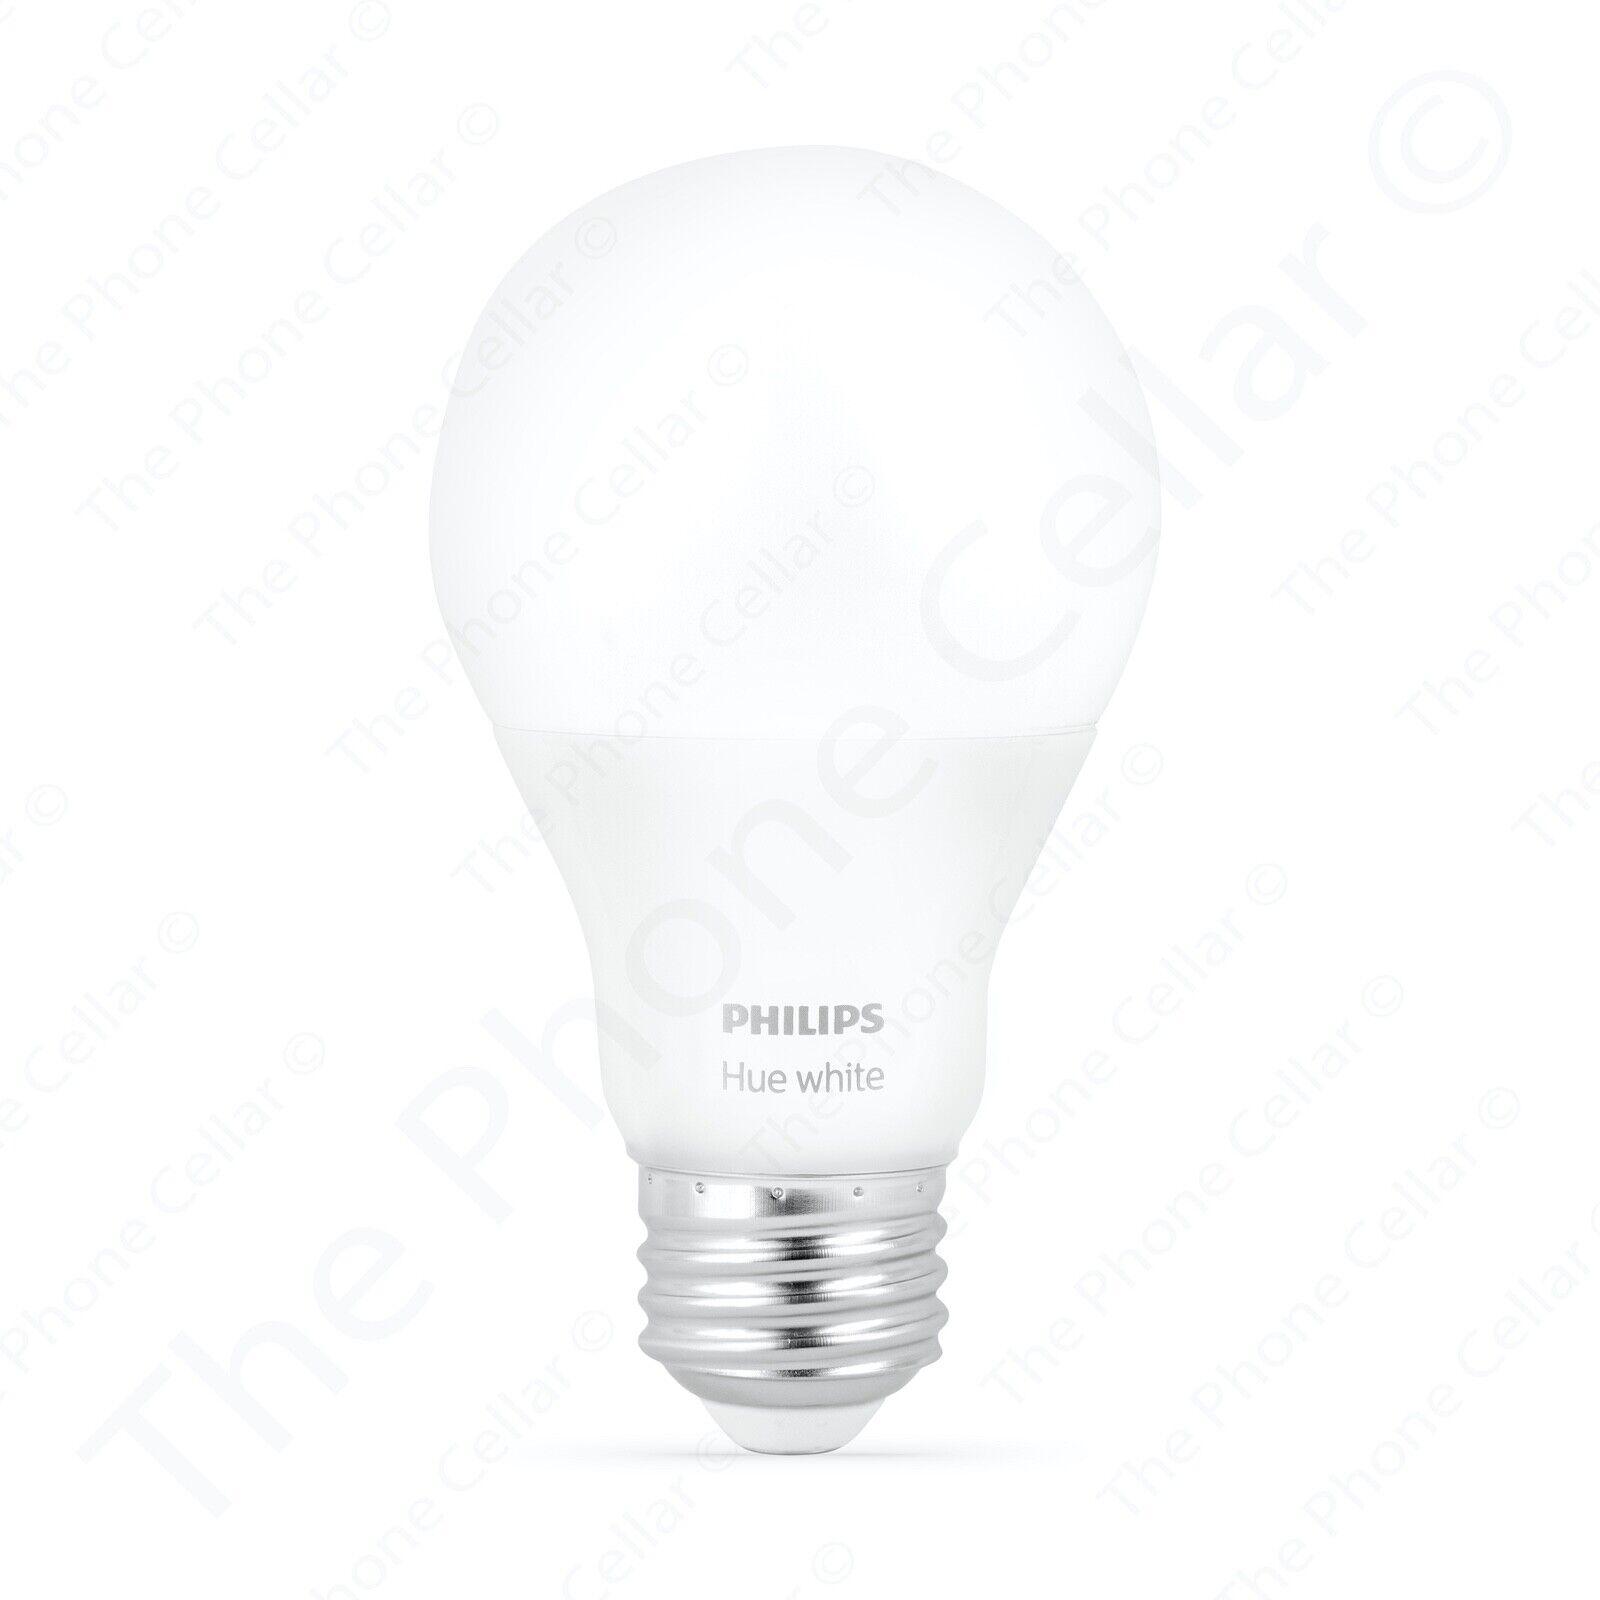 Philips Hue Lumens